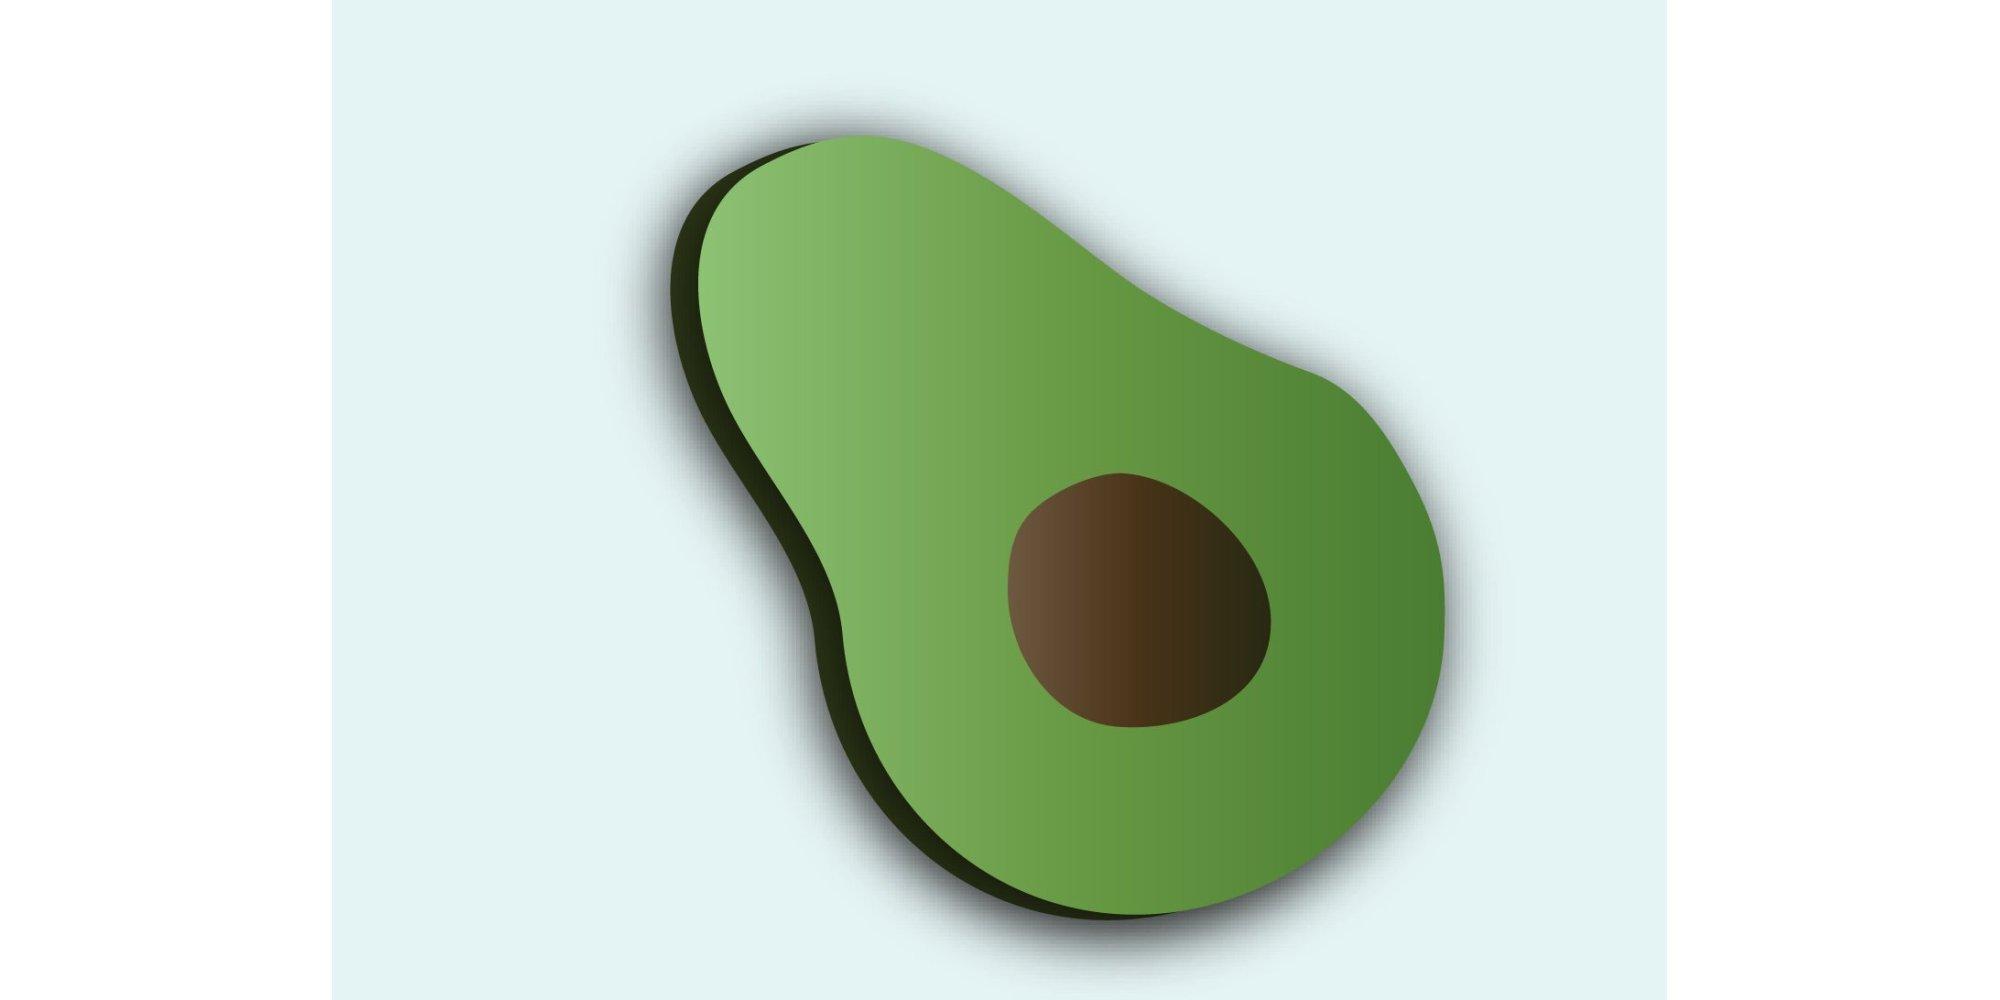 Avocado clipart advocado.  emojis we desperately